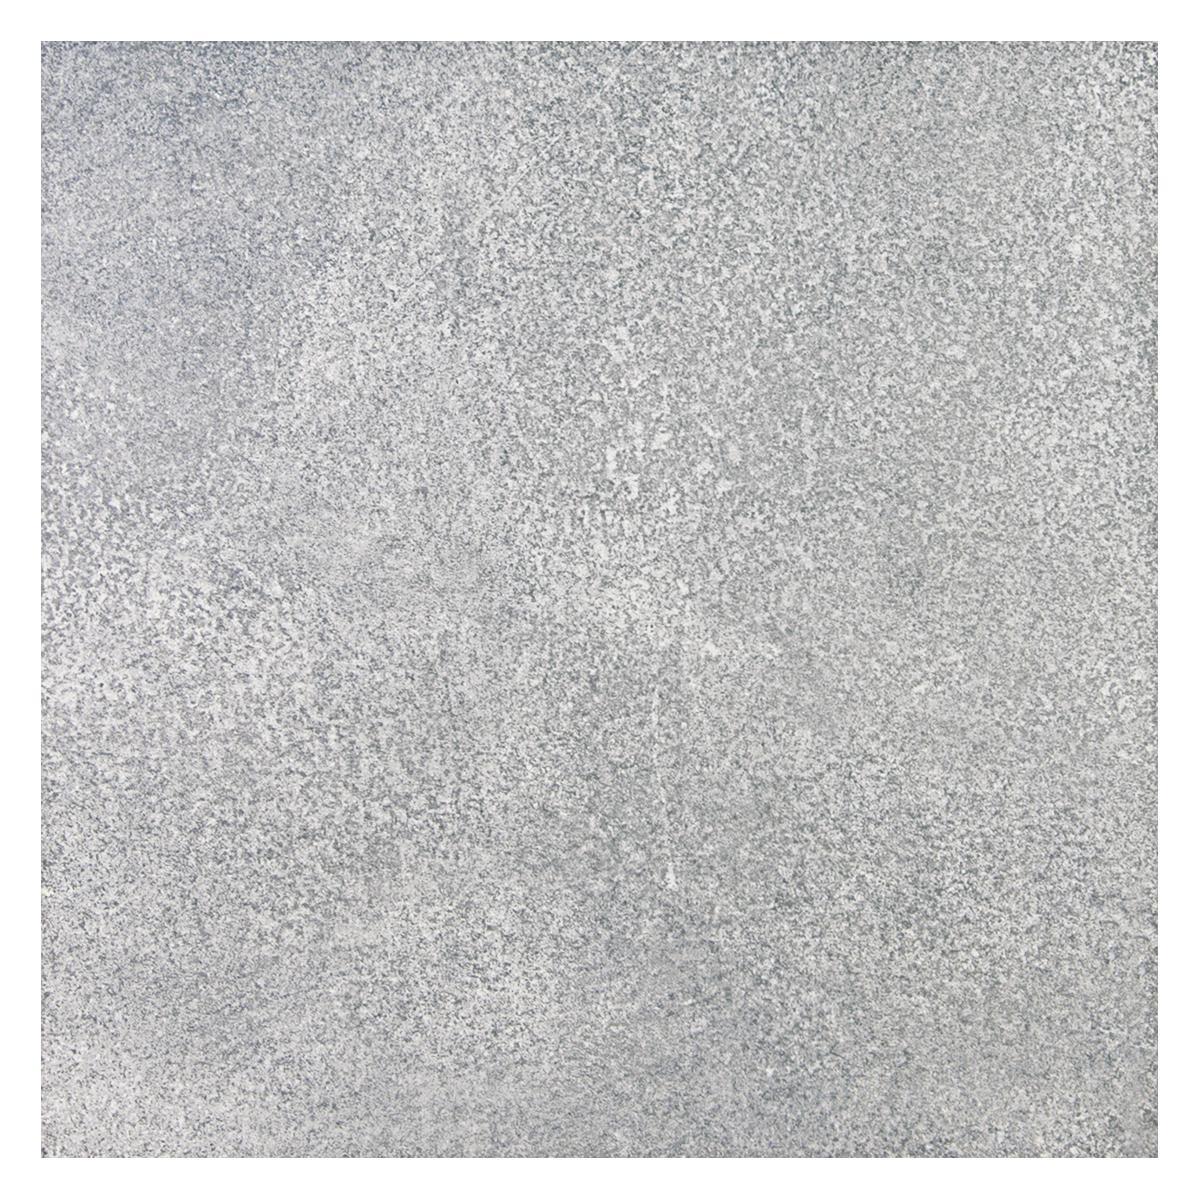 Piso Concreto Gris Mate - 45X45 cm - 2.03 m2